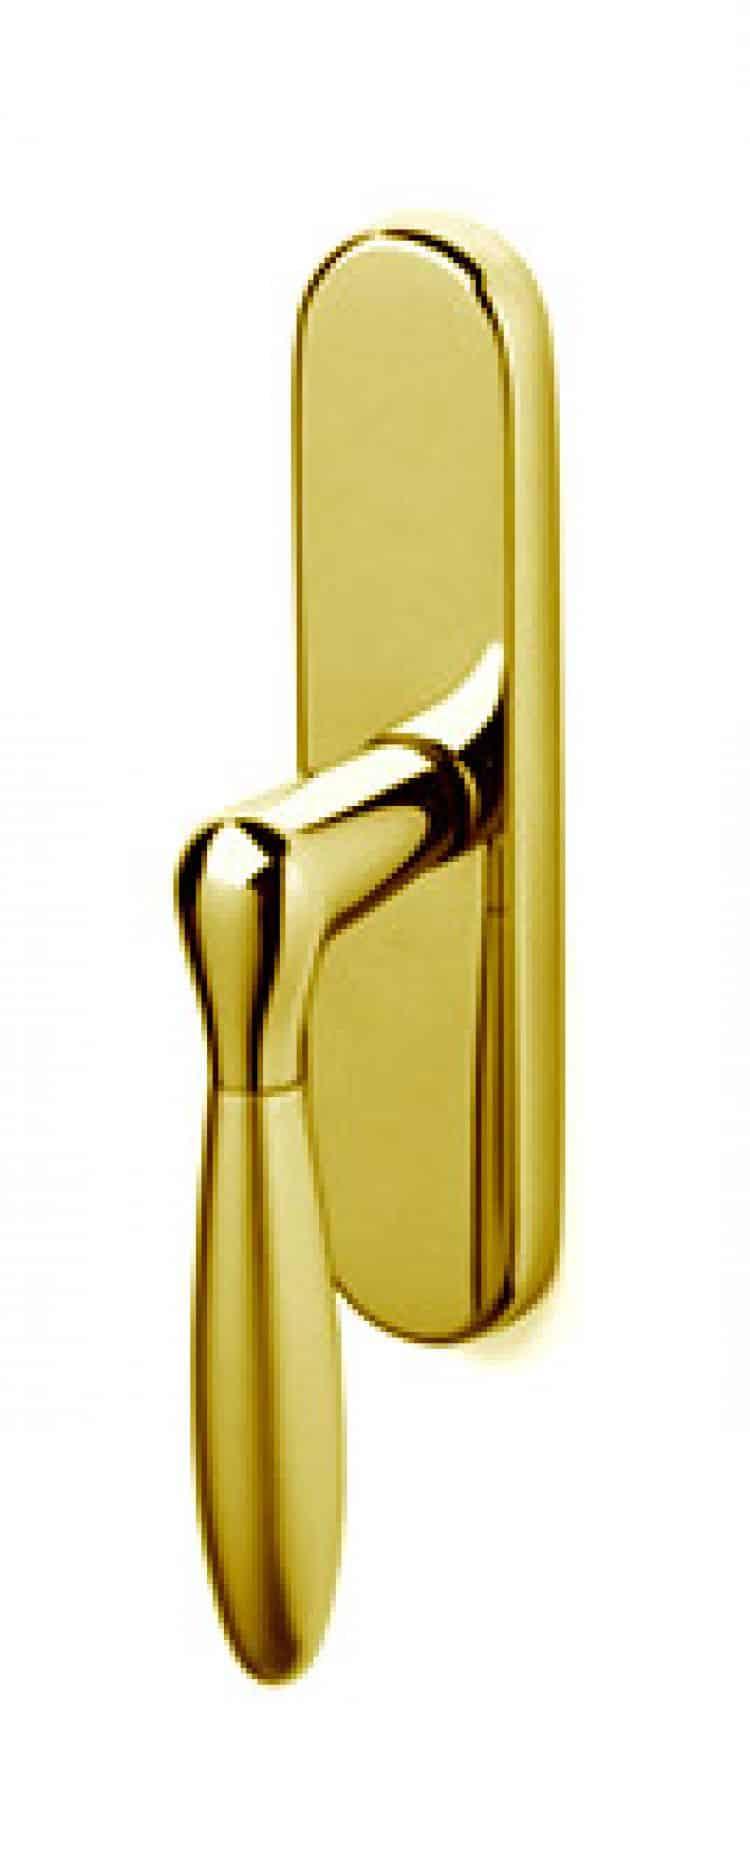 Maniglia design olivari comet bicolor maniglia per for Maniglie porte oro